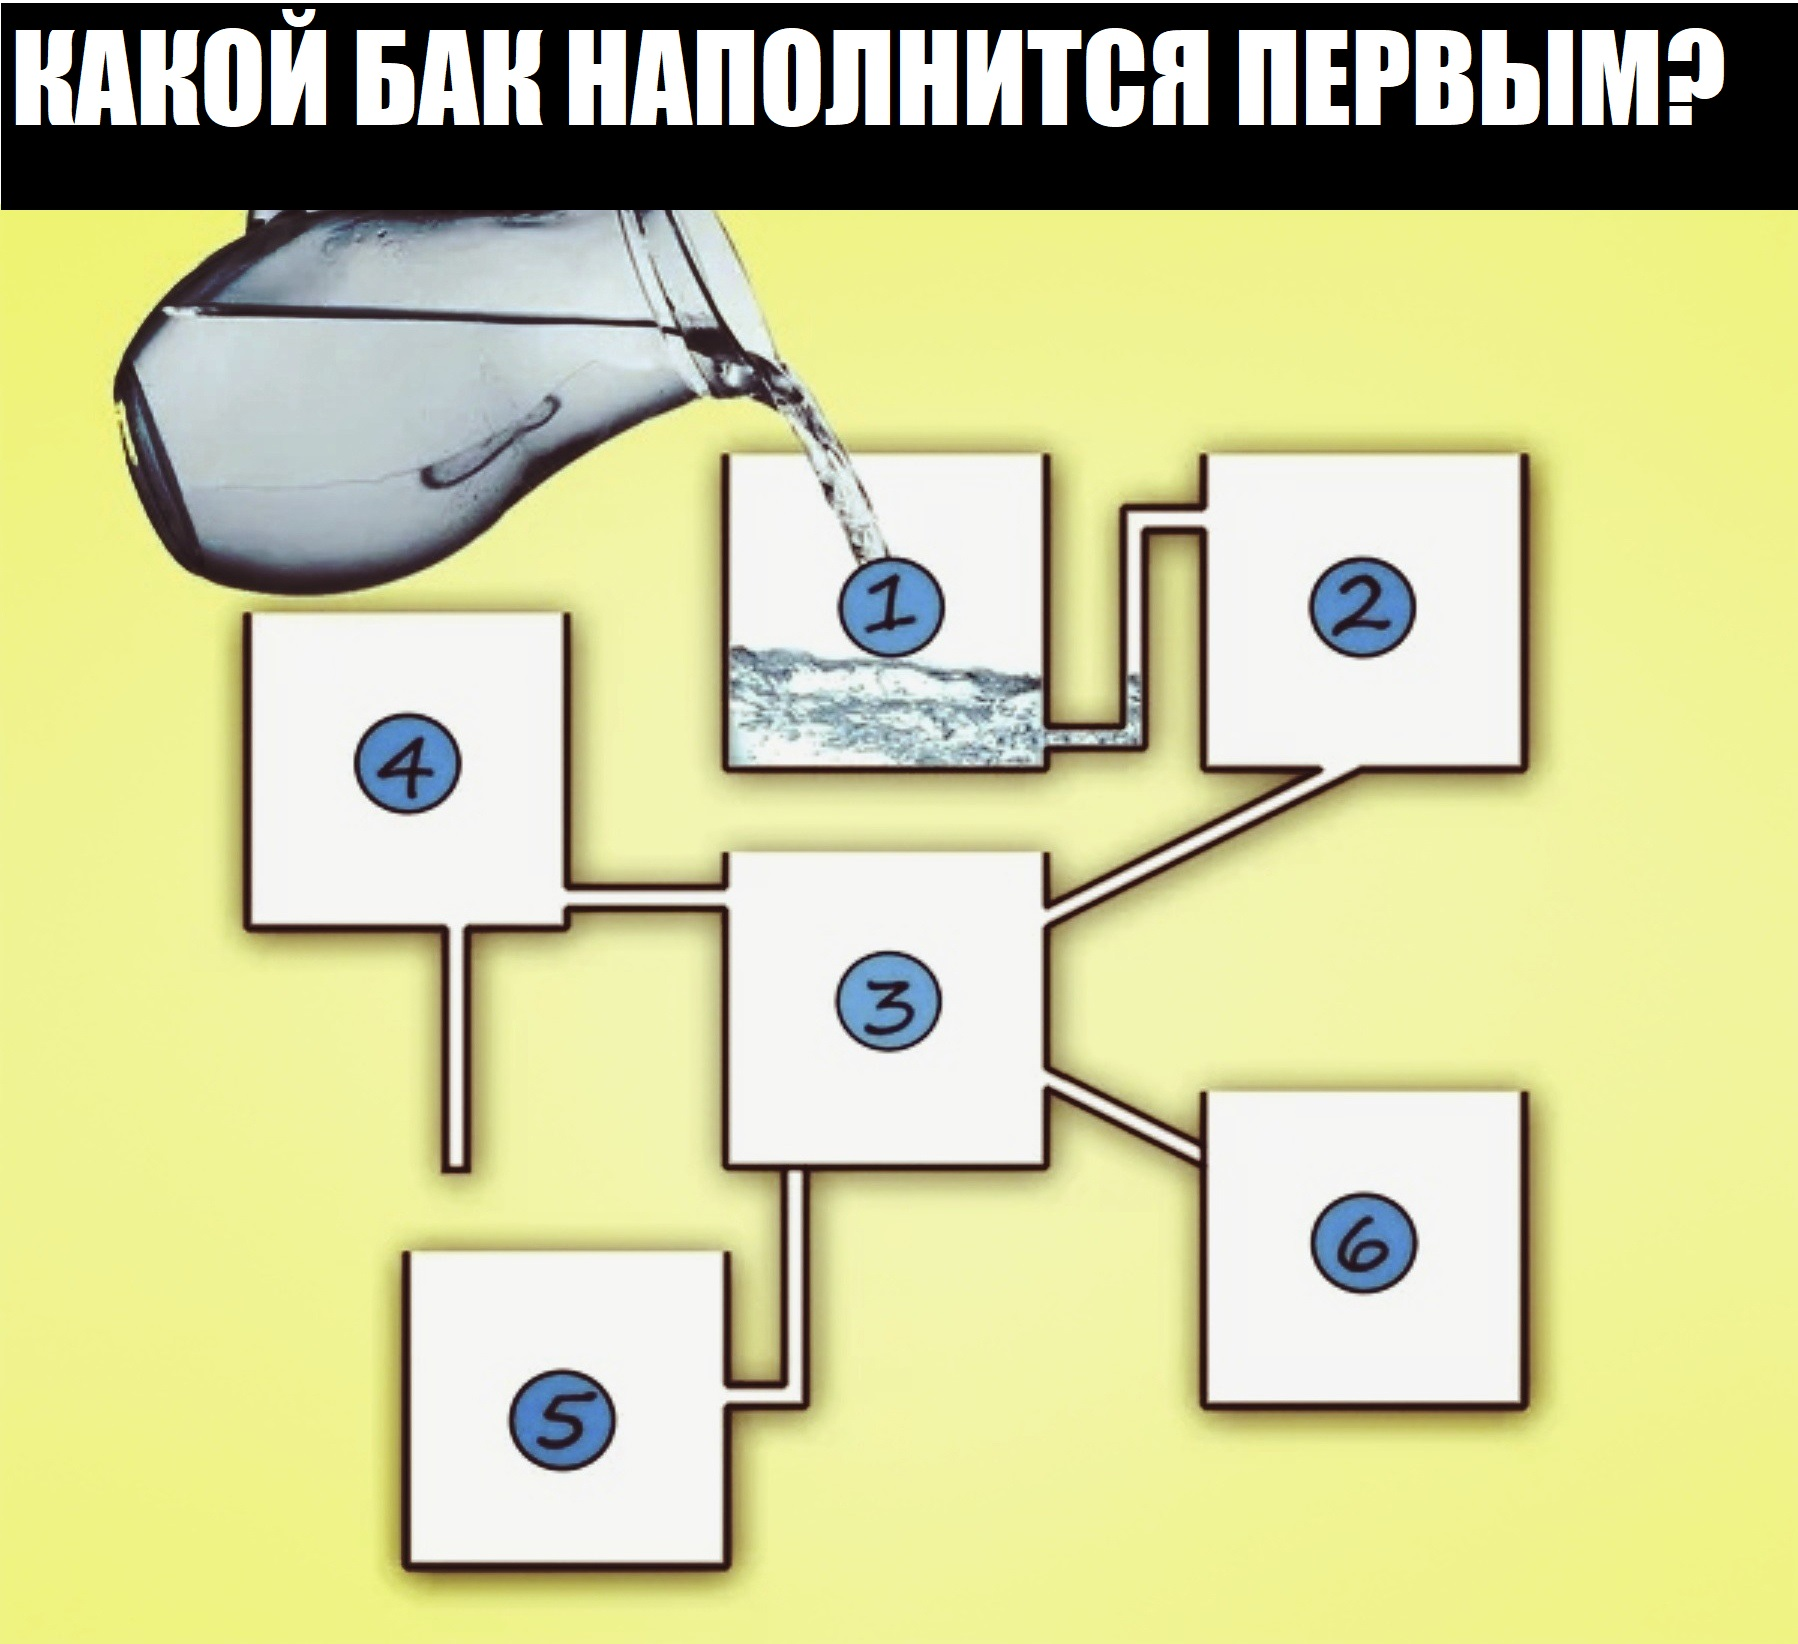 fU_FKo64WCU.jpg